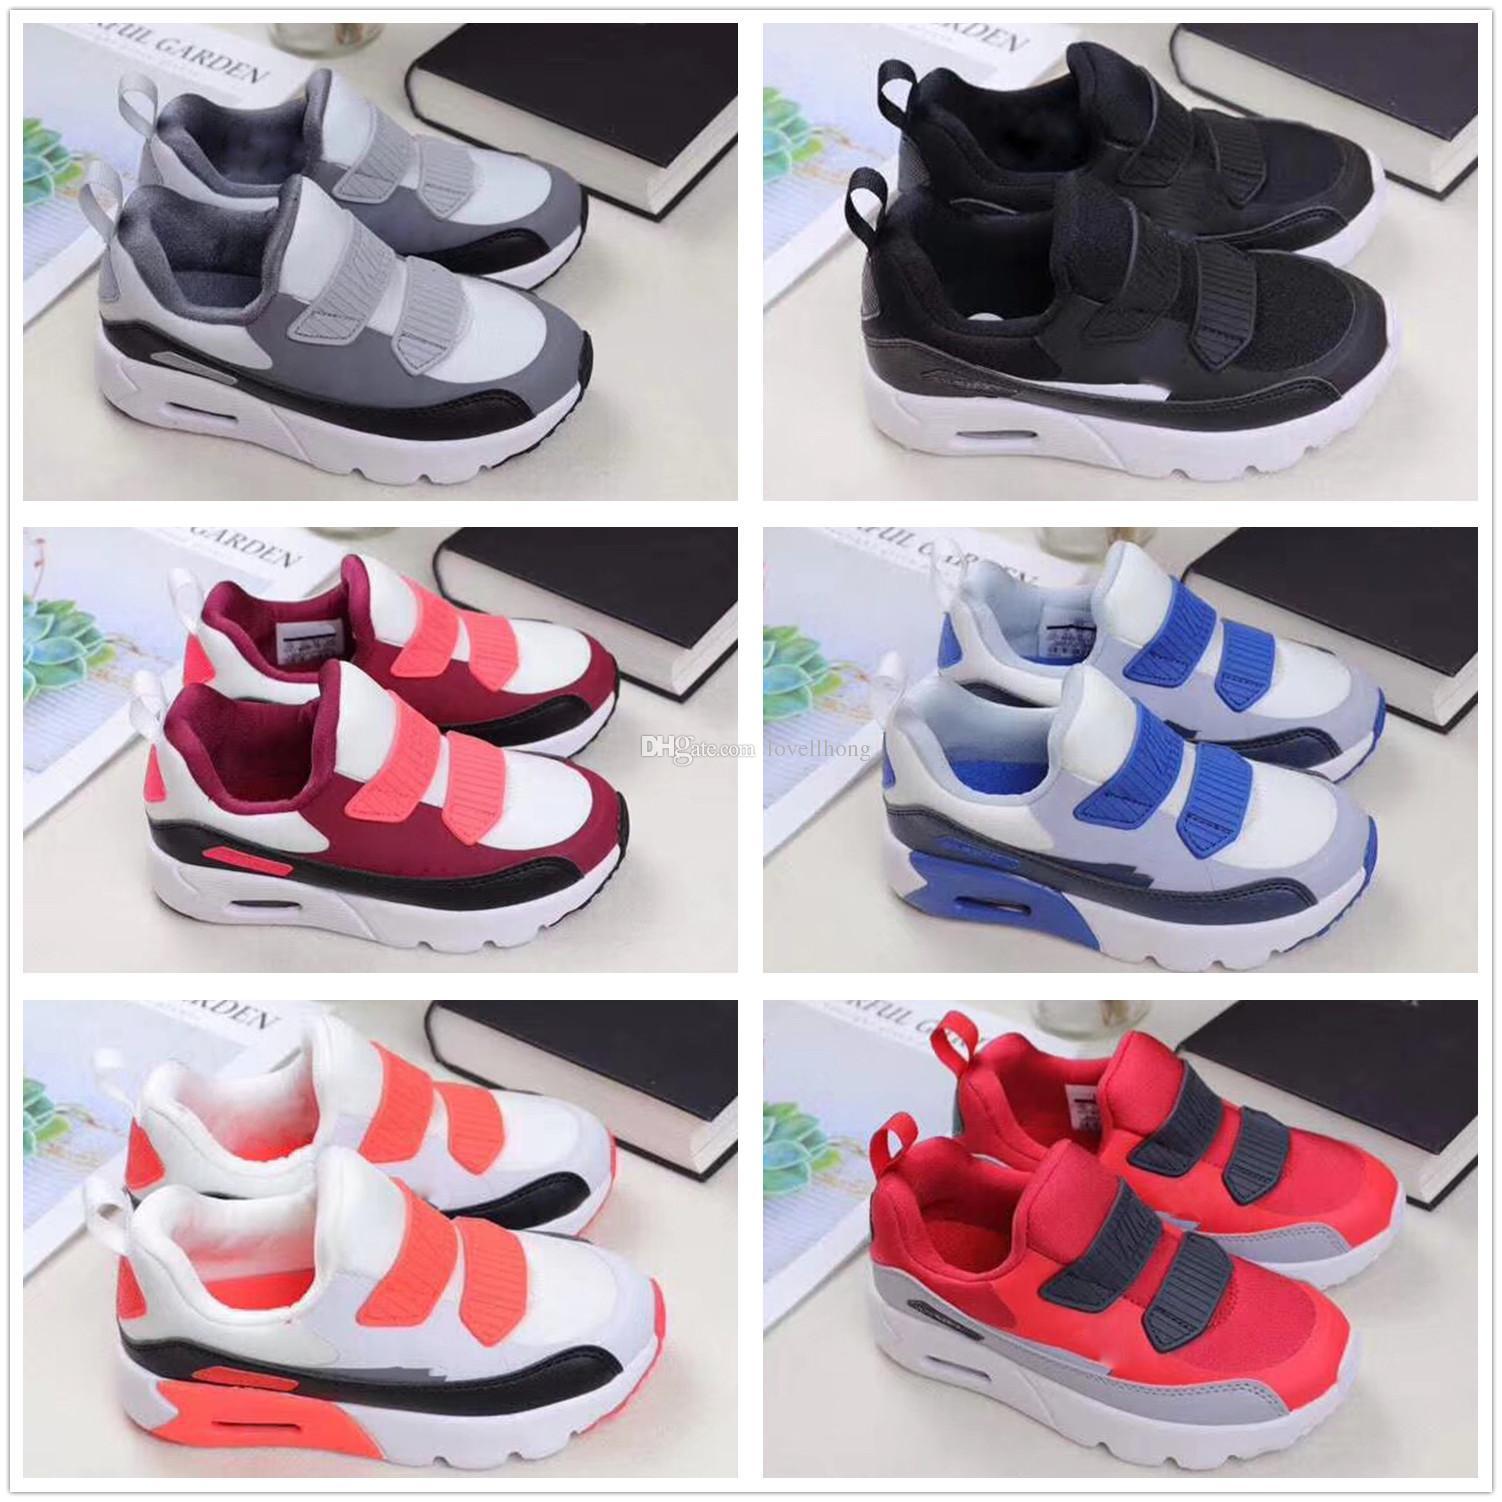 reputable site 9d4ed c2e81 Compre Nike Air Max 90 Airmax Diseñador De La Nueva Marca Para Niños Zapatos  Para Bebés Y Niños Pequeños Clásico 90 Niños 90 S Zapatilla Deportiva  Zapatos ...